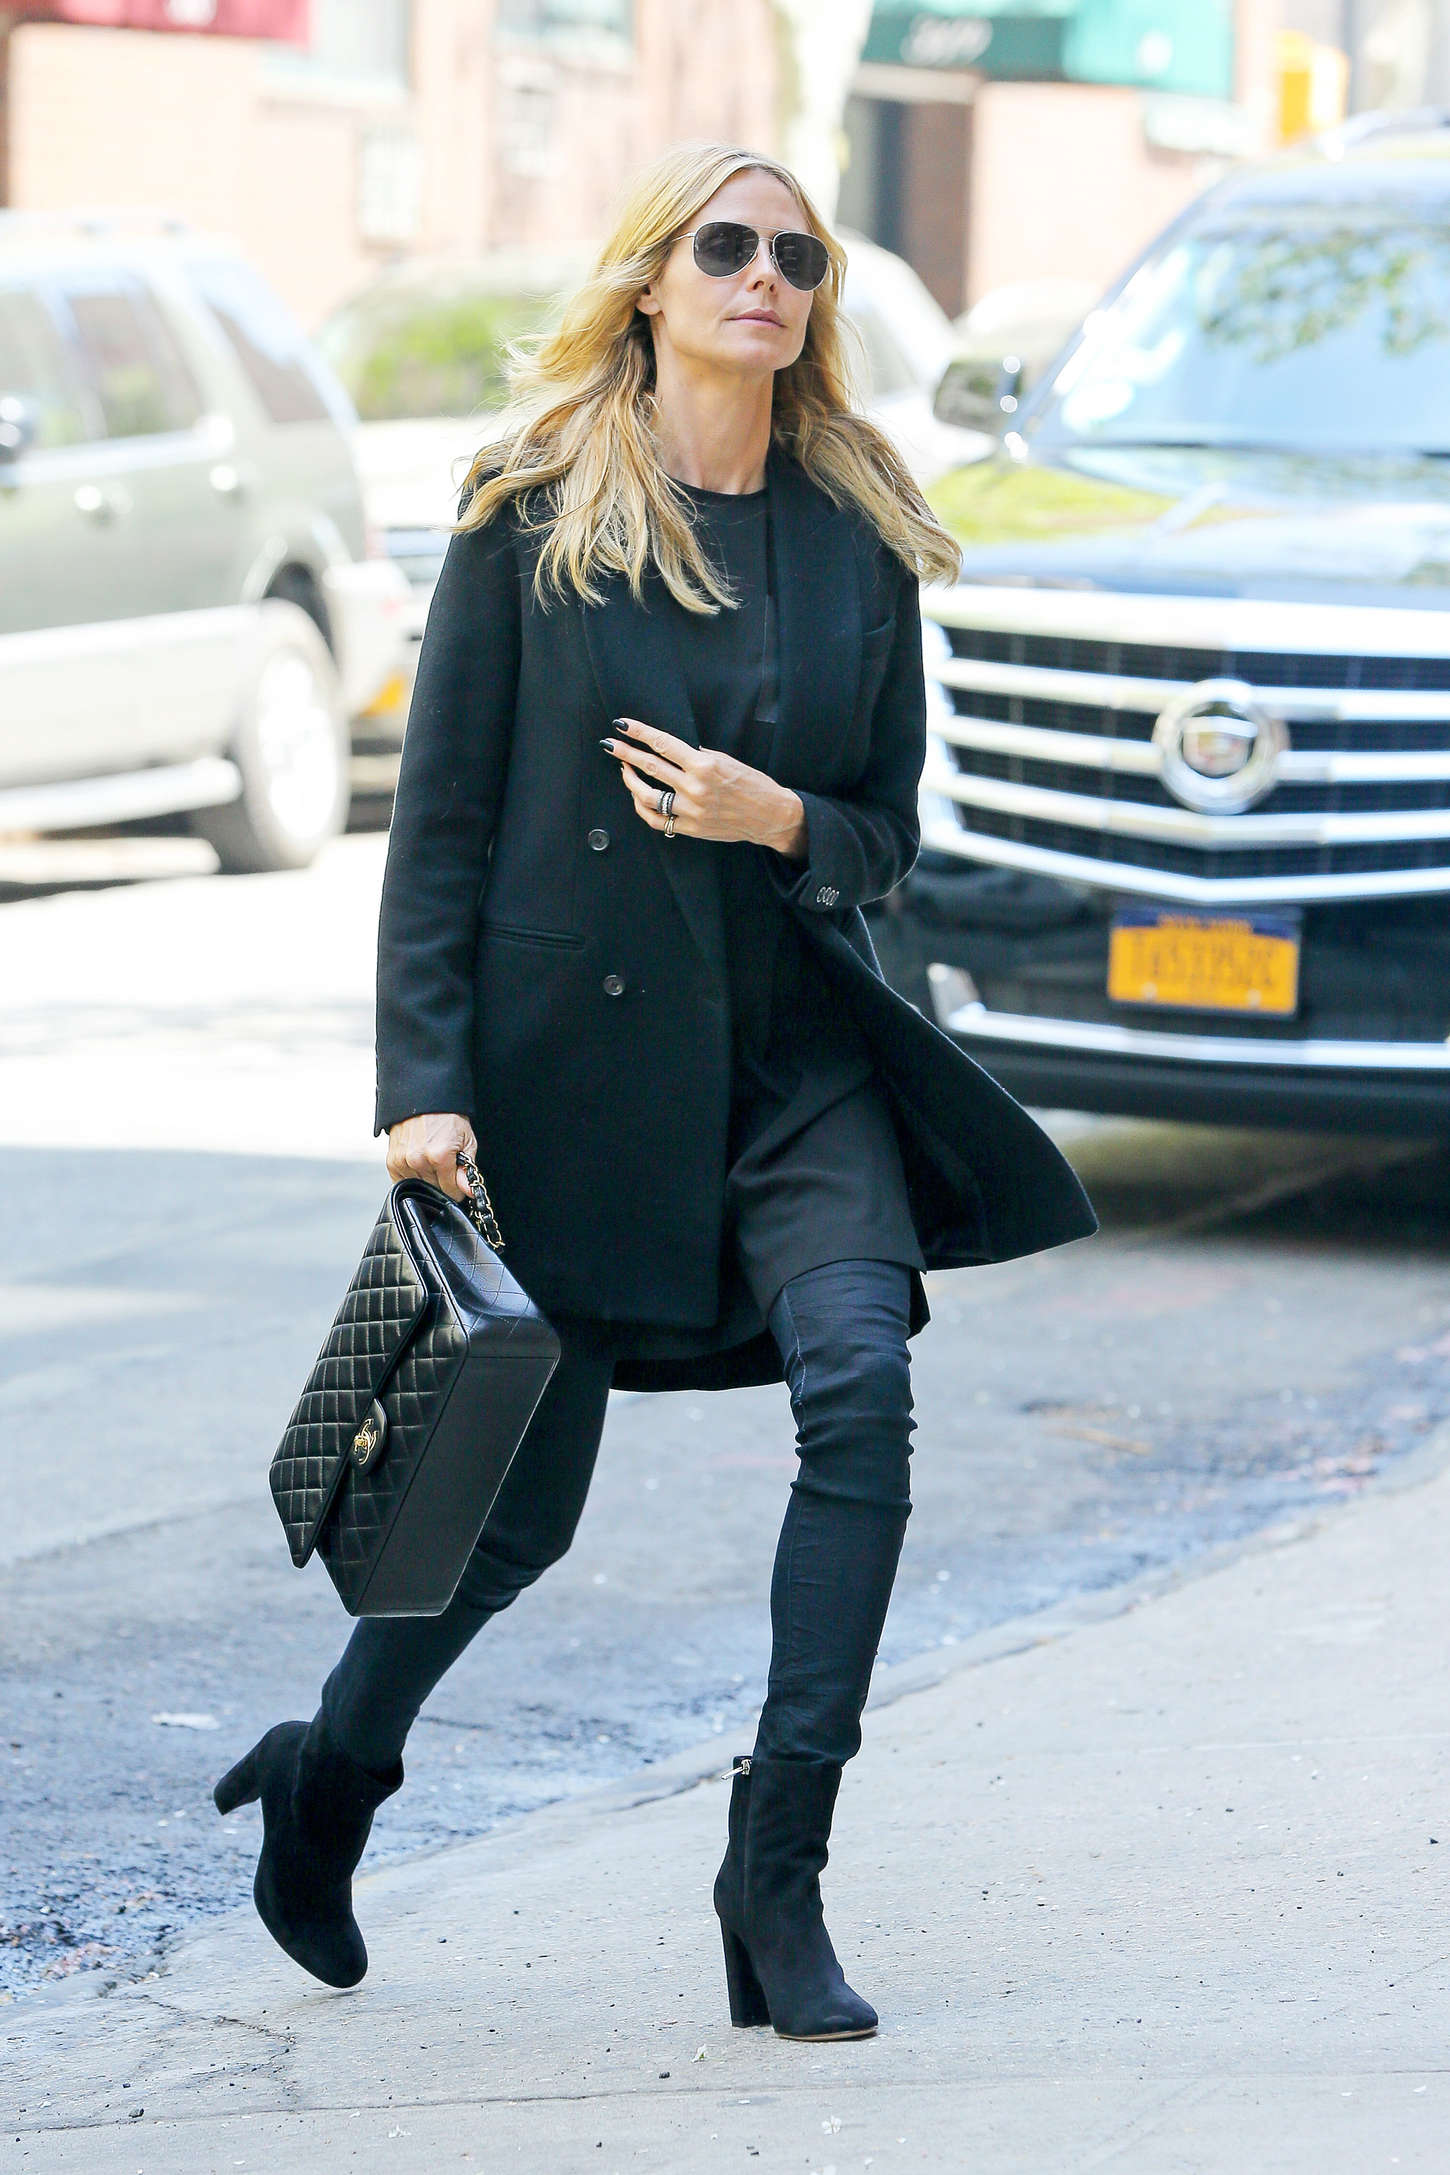 Heidi Klum 2015 : Heidi Klum in jeans -23